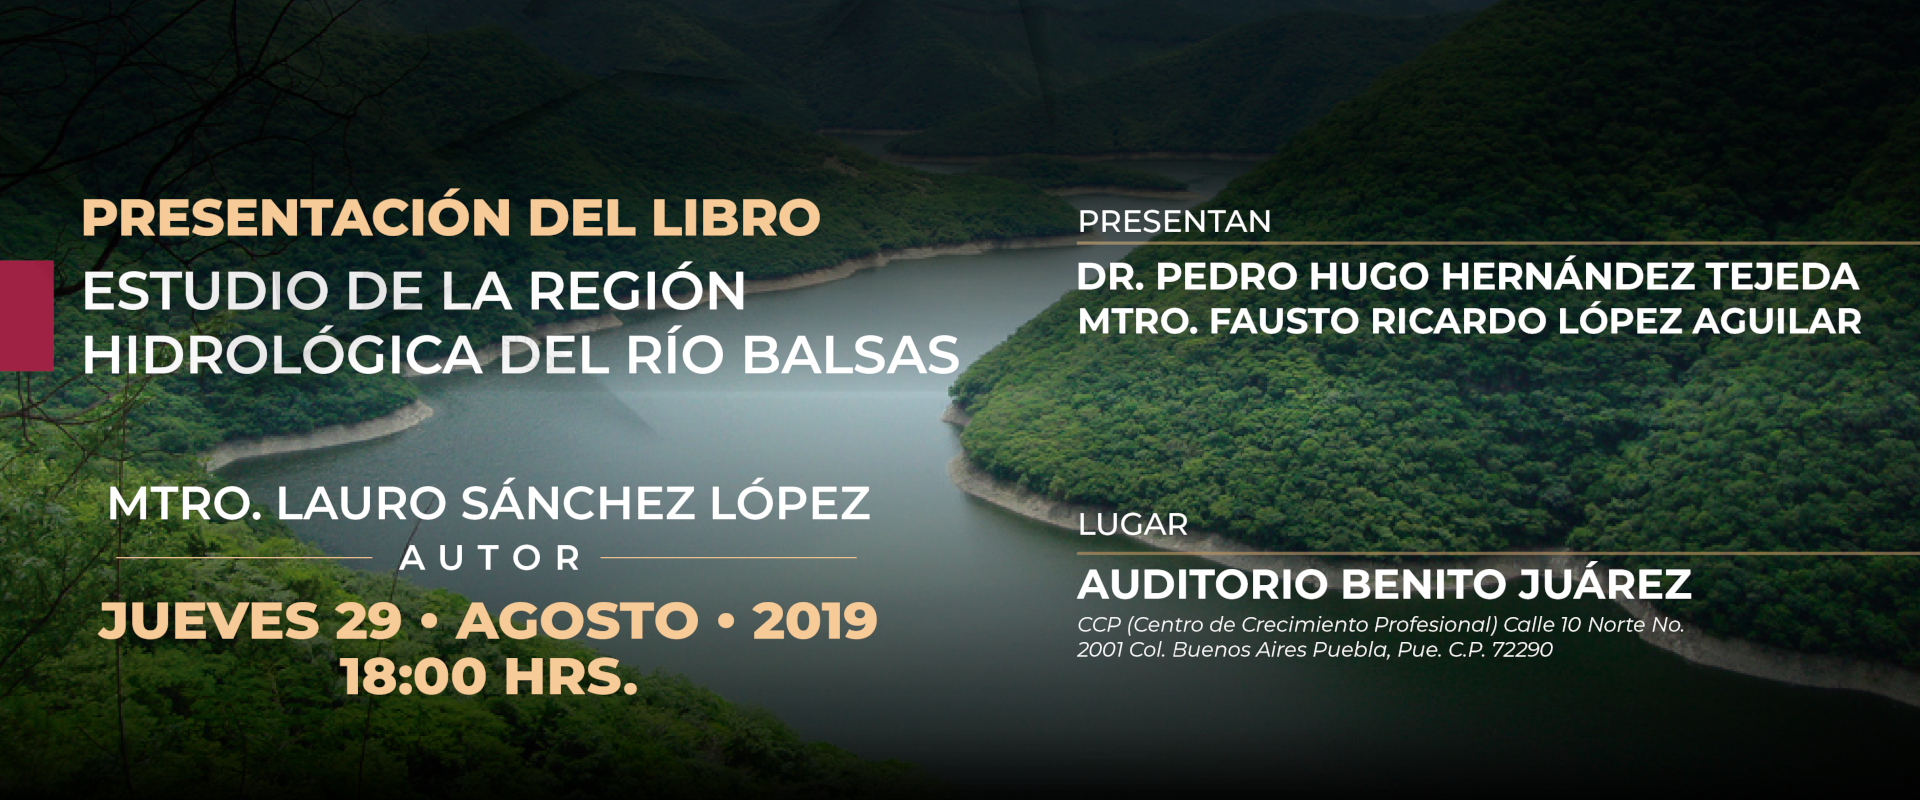 Presentación del libro: Estudio de la Región Hidrológica del Río Balsas.